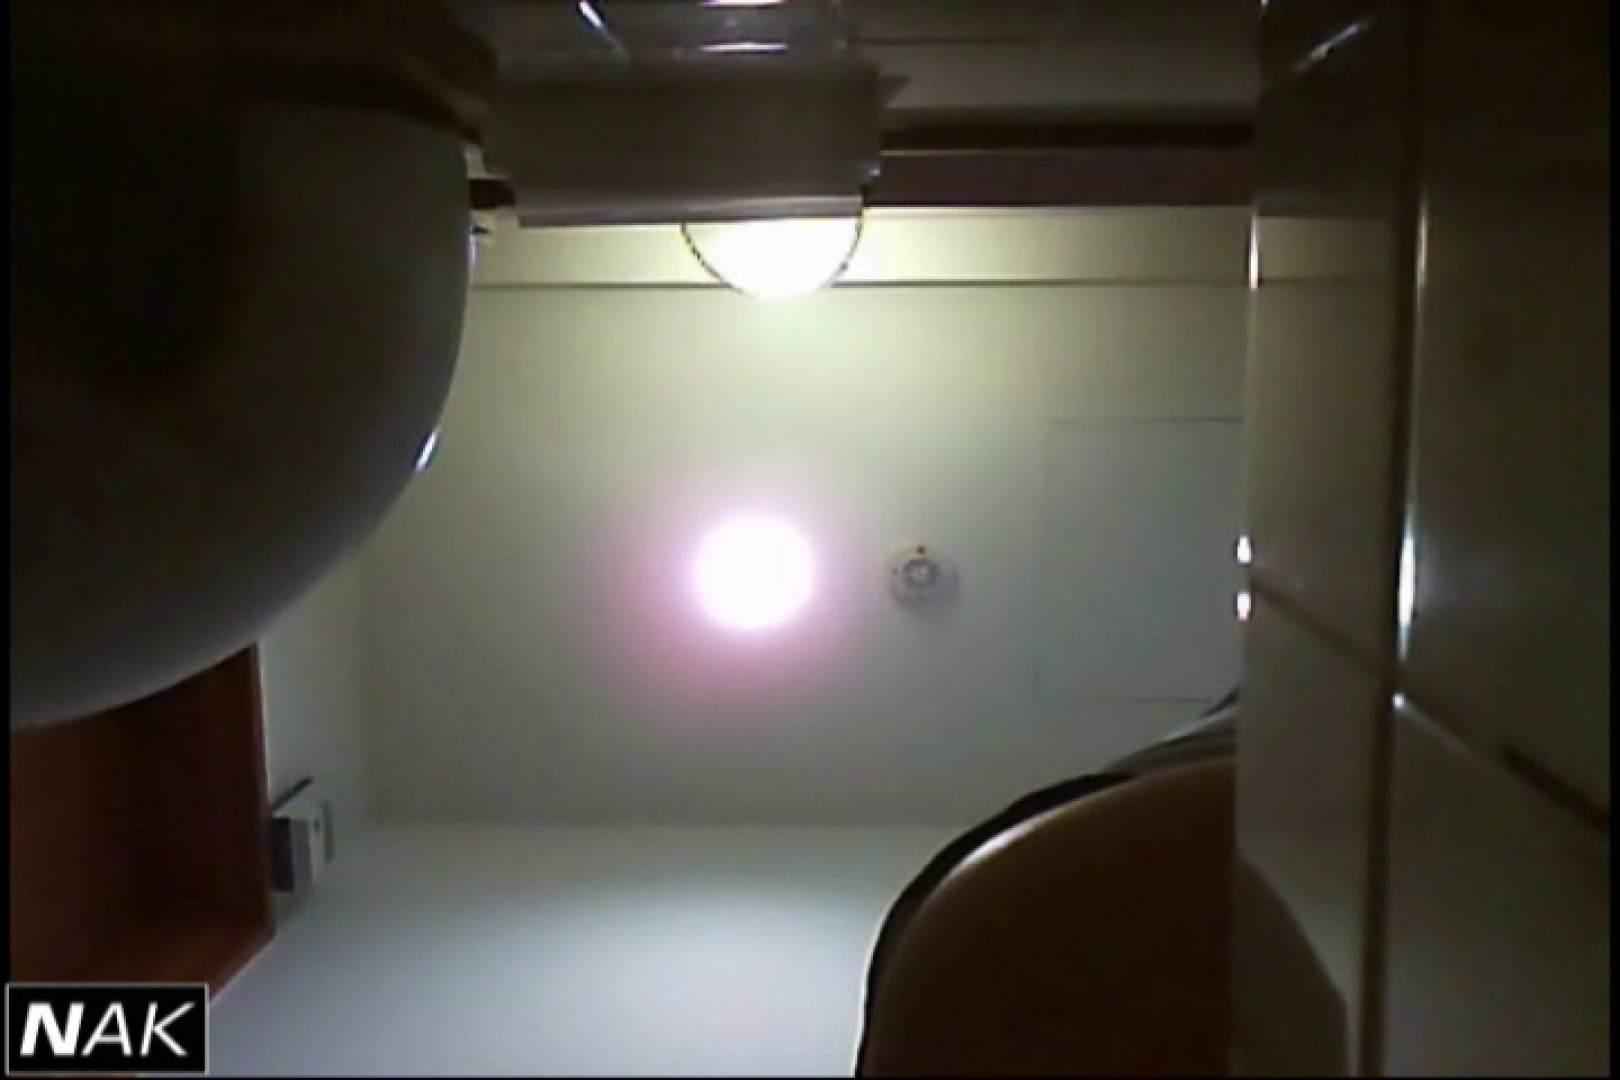 亀さんかわや VIP和式2カメバージョン! vol.14 オマンコ | 黄金水  58pic 32